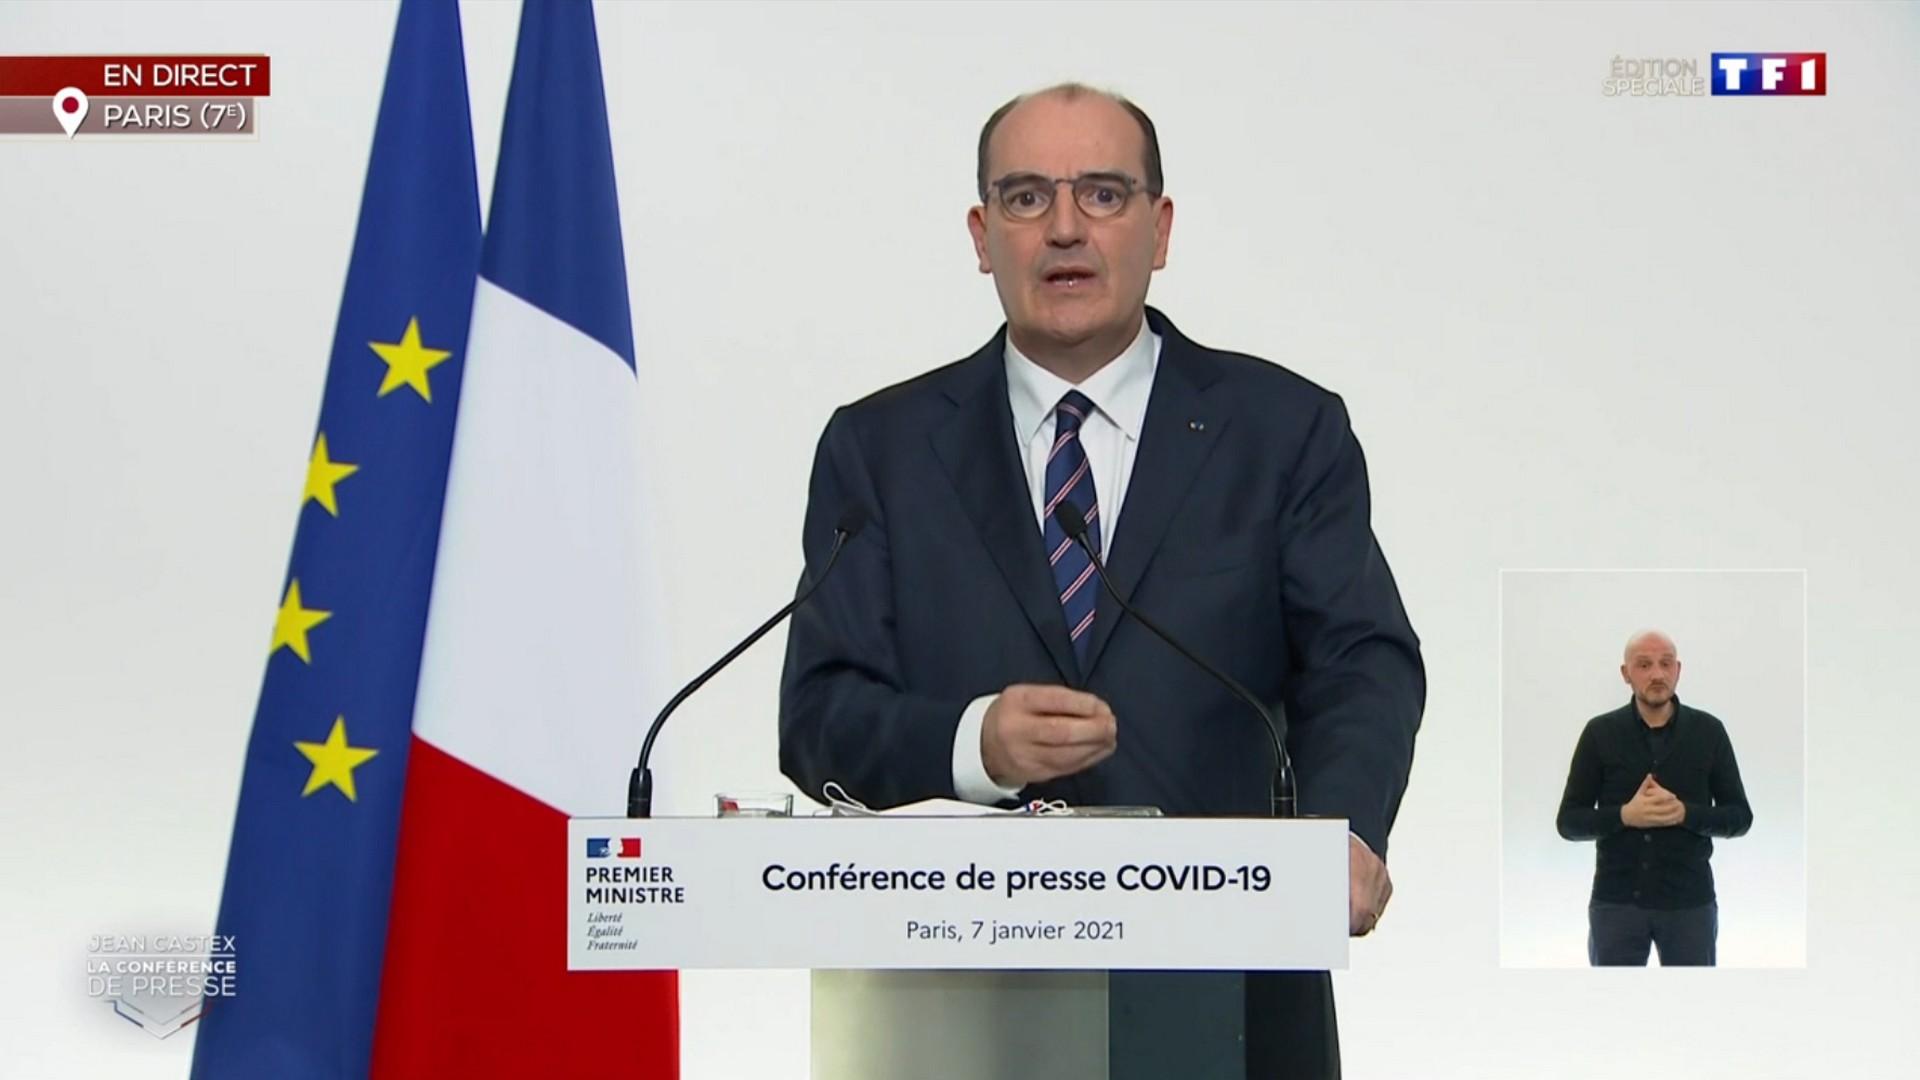 Jean Castex Premier Ministre Allucution 7 janvier 2021